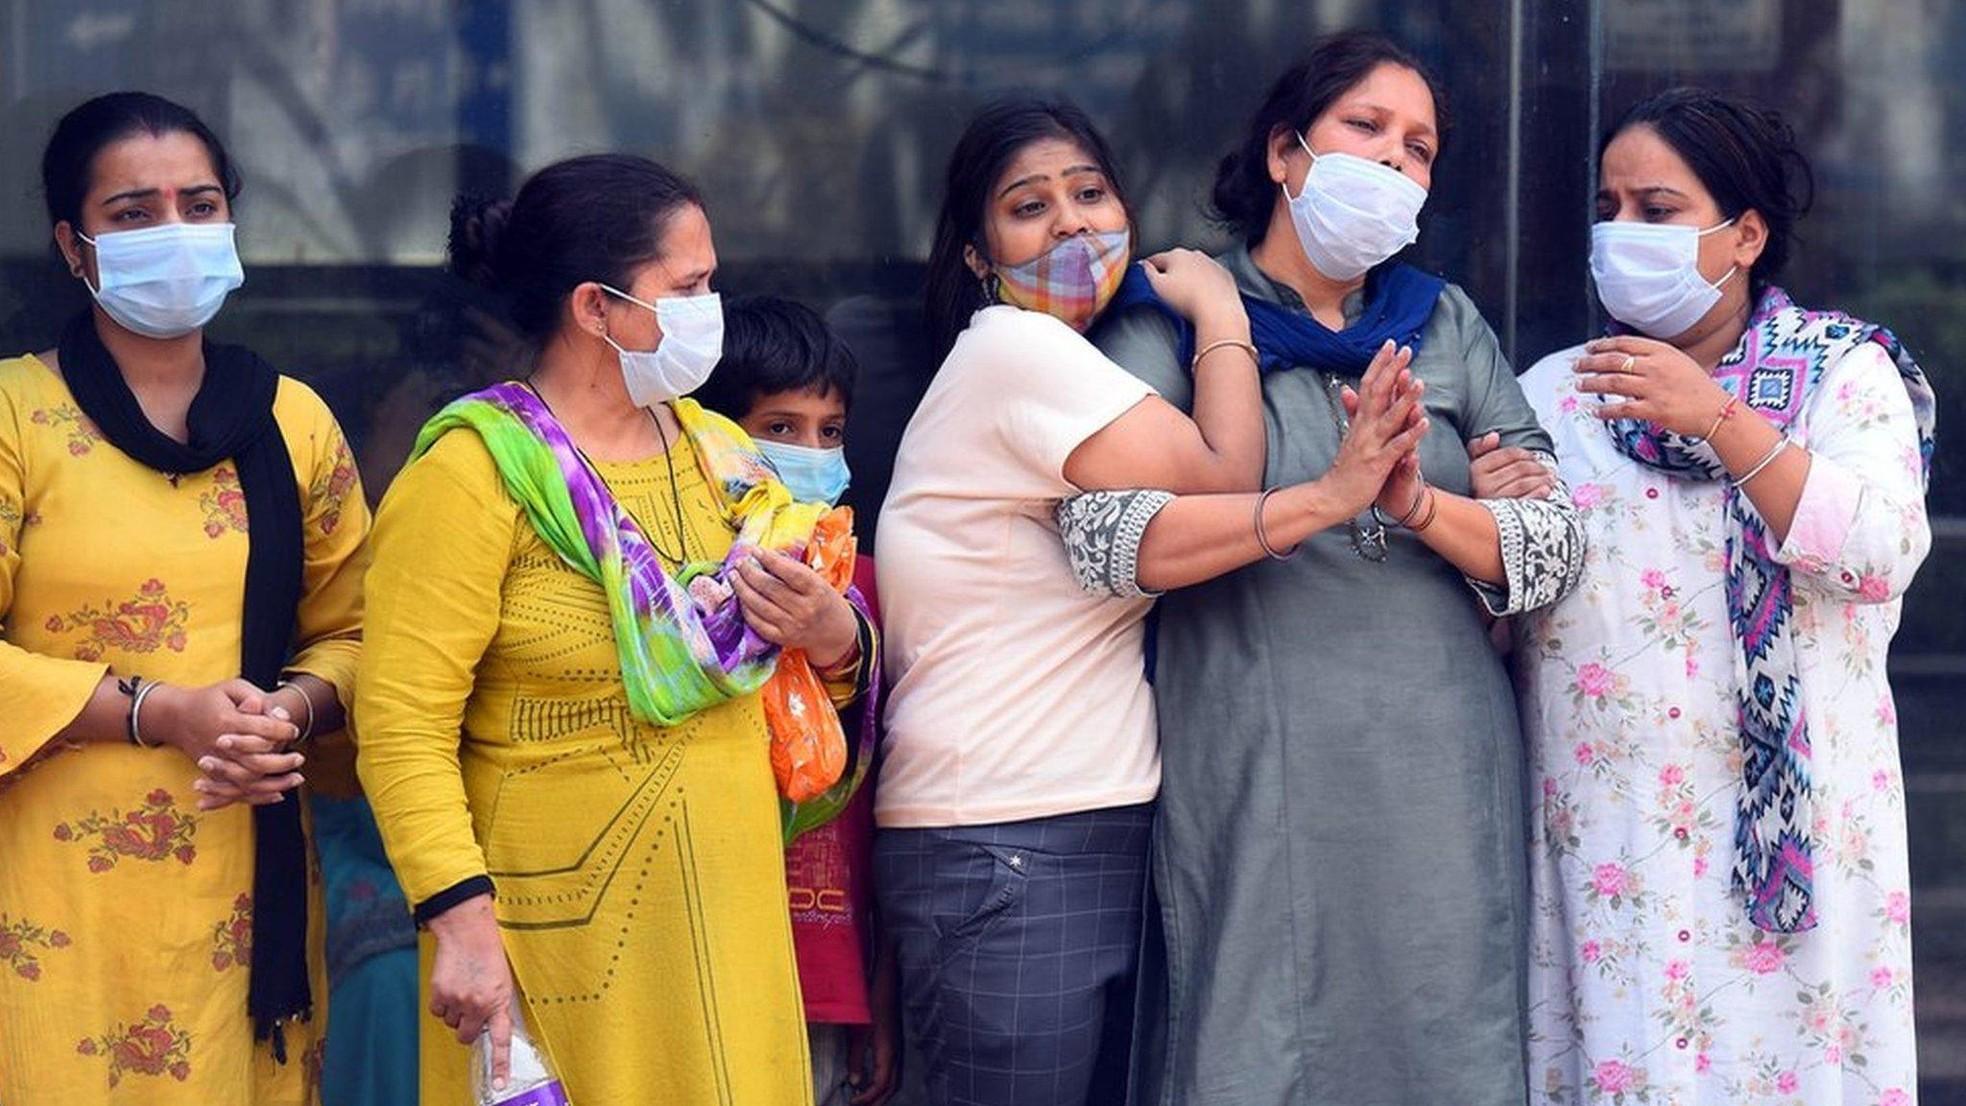 Cuộc khủng hoảng 'niềm tin' của chính phủ Ấn Độ ảnh 4